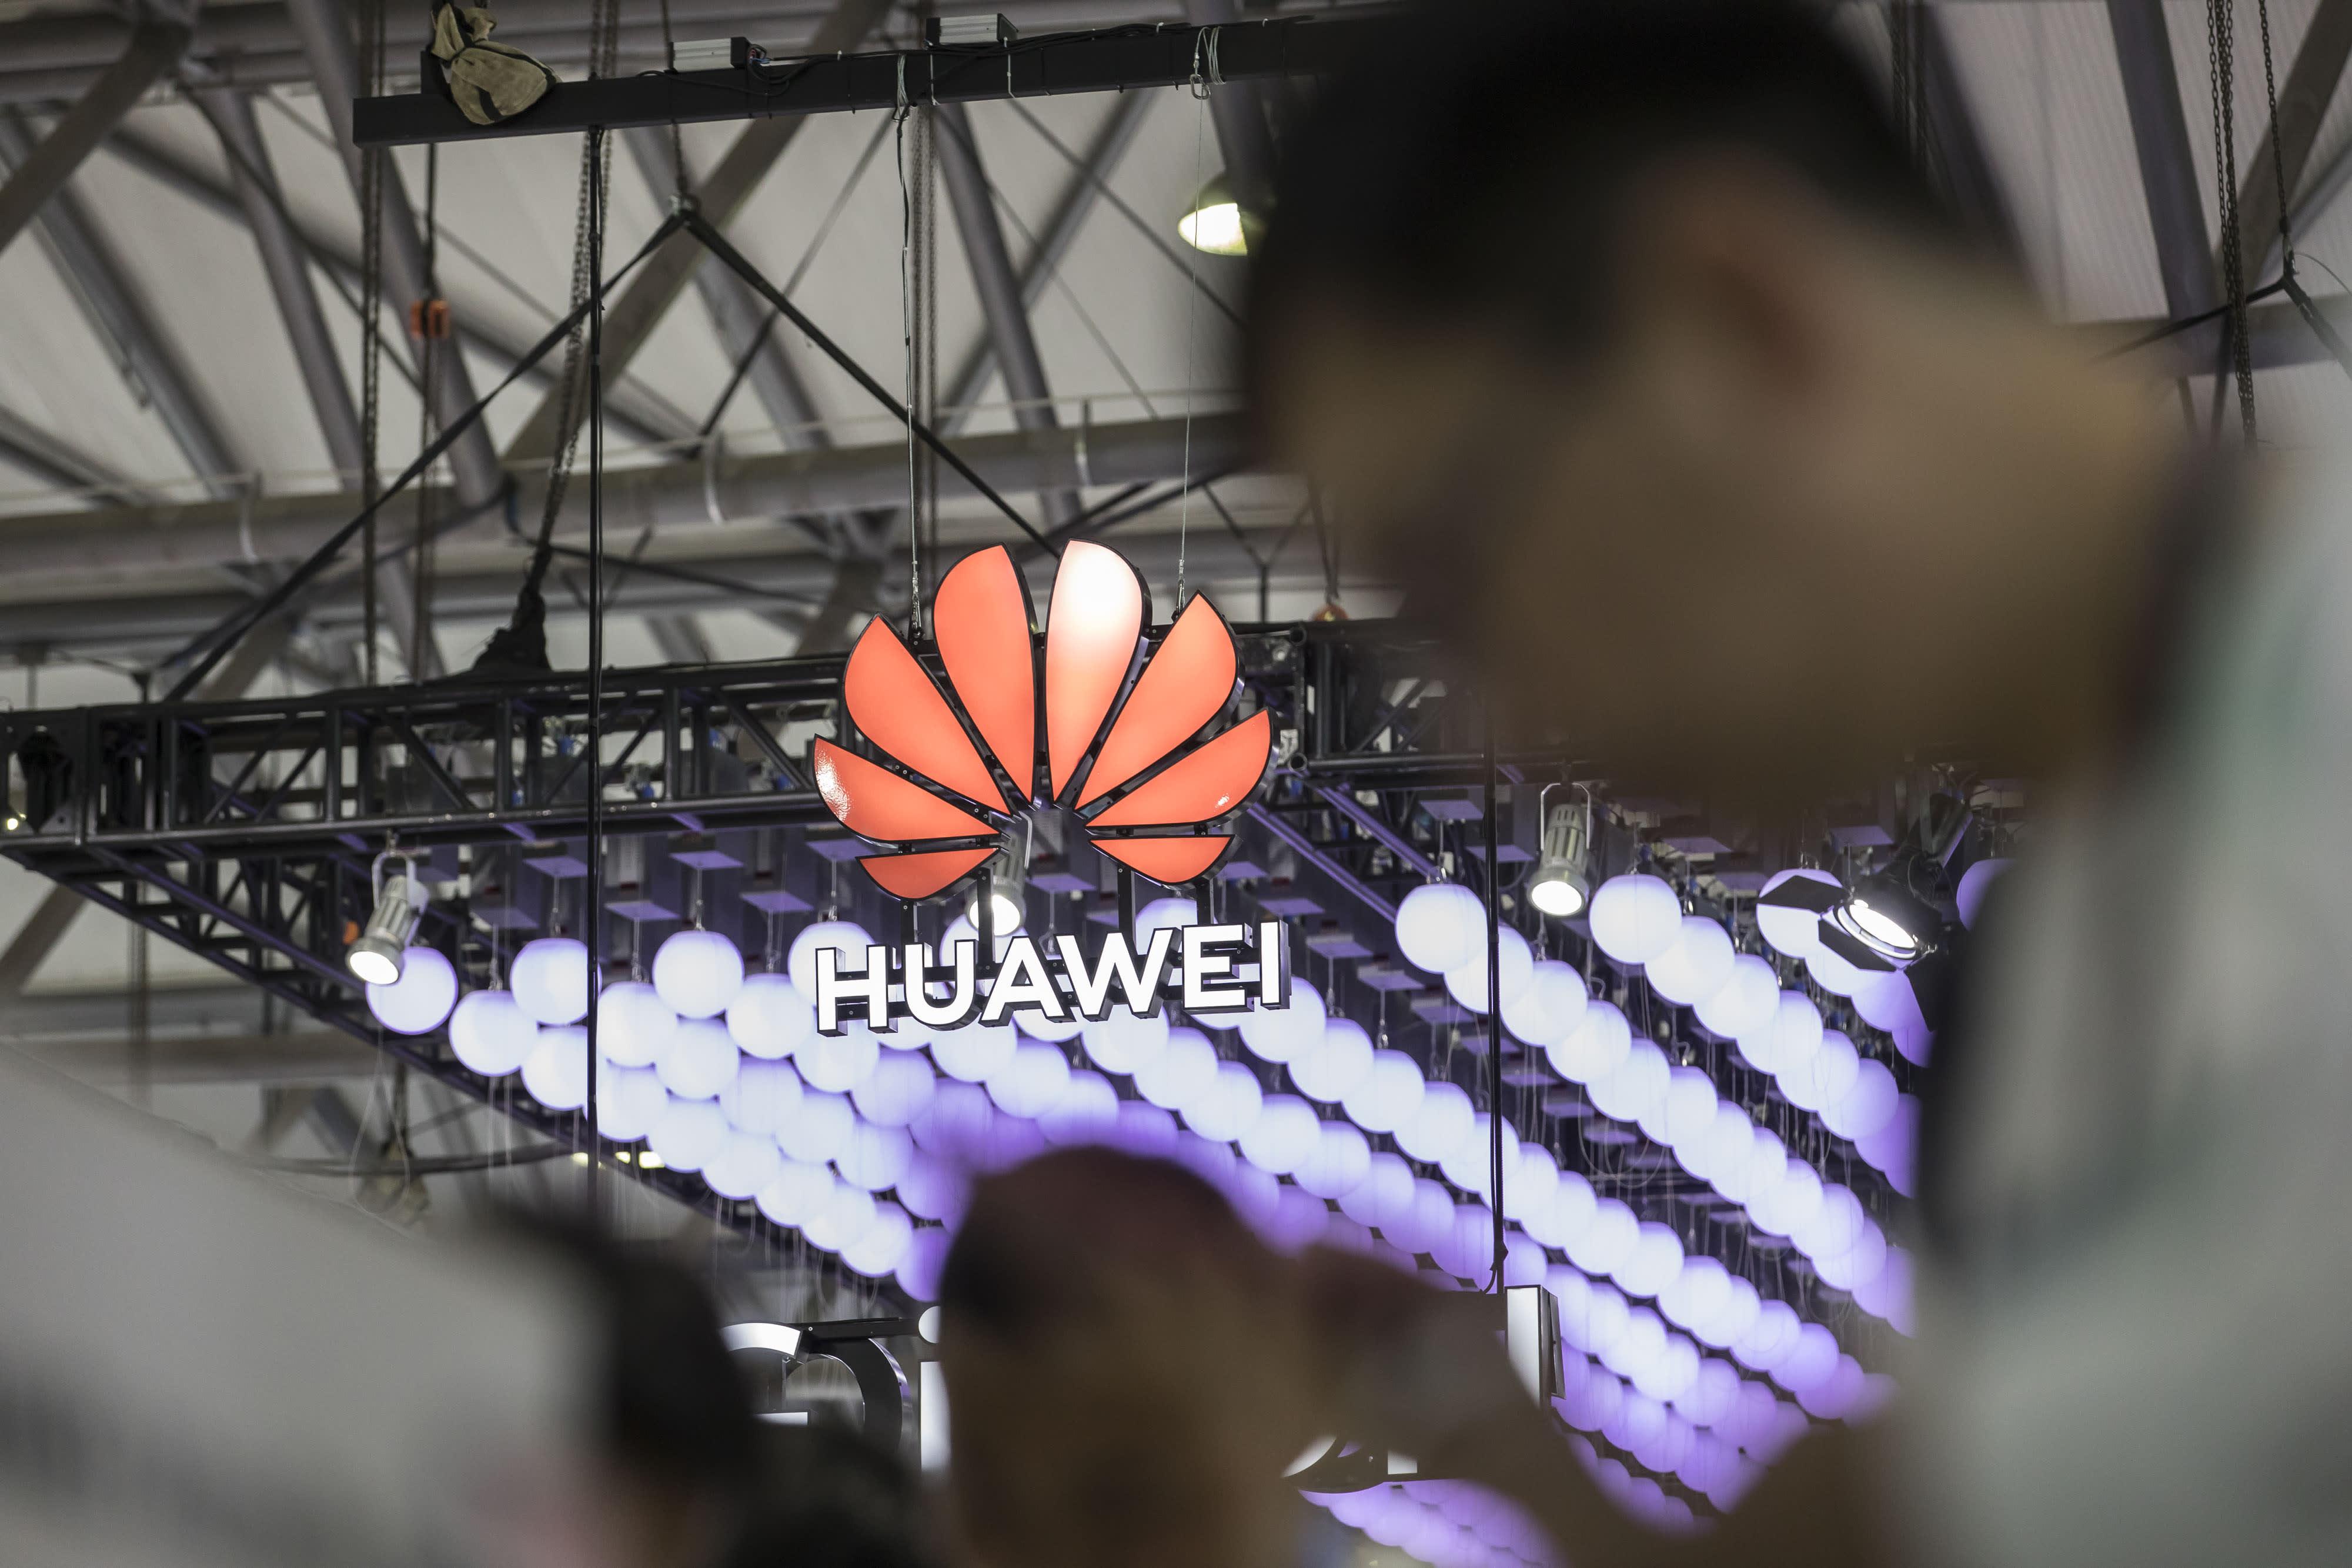 Huawei,5G,Chinese technology,Huawei's board,William Xu,Huawei's 5G items,